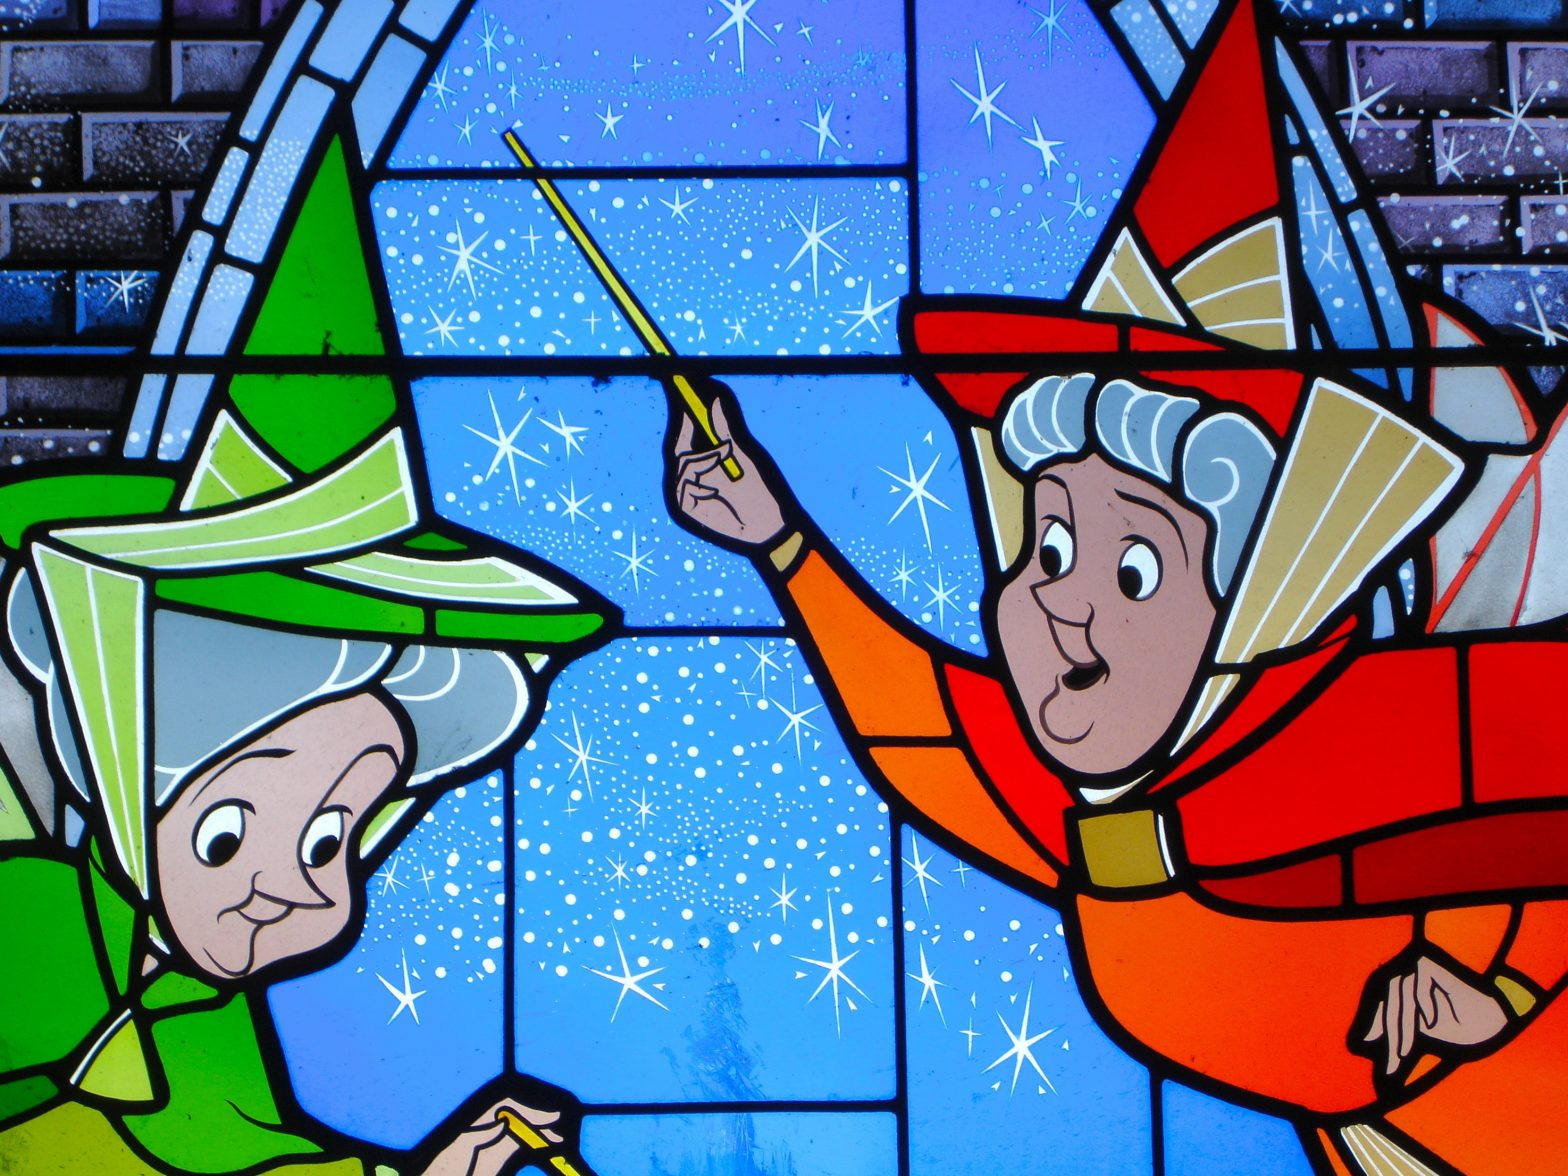 En la imagen destaca aparece una secuencia de la película Cenicienta de disney de dibujos animados, aparecen dos hadas madrinas. Esta imagen ilustra cómo uno de los trabajos que proponemos en nuestra guía de supervivencia para encontrar el trabajo ideal es trabajar en Disneyland Paris.